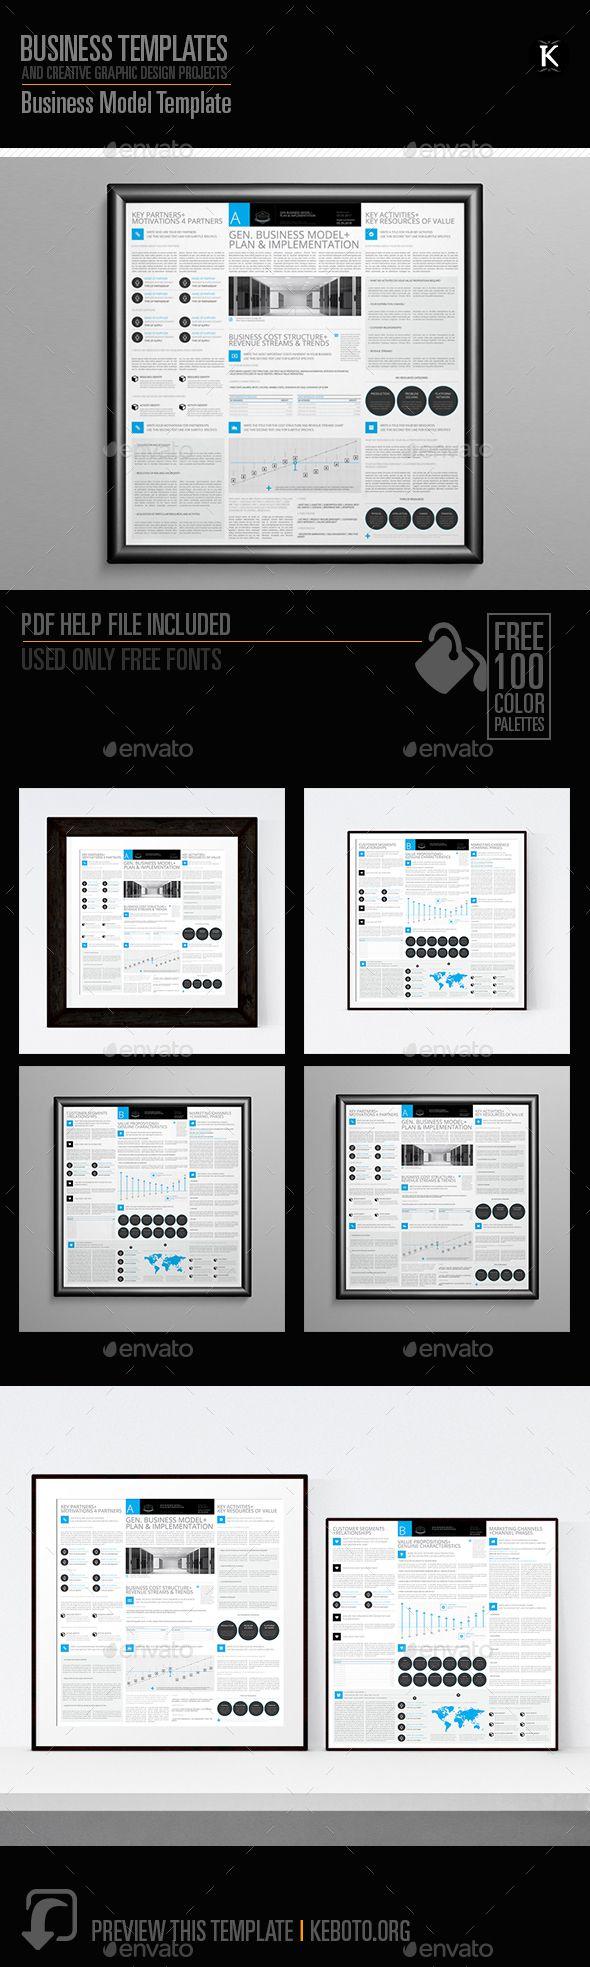 Die besten 25+ Business model template Ideen auf Pinterest ...